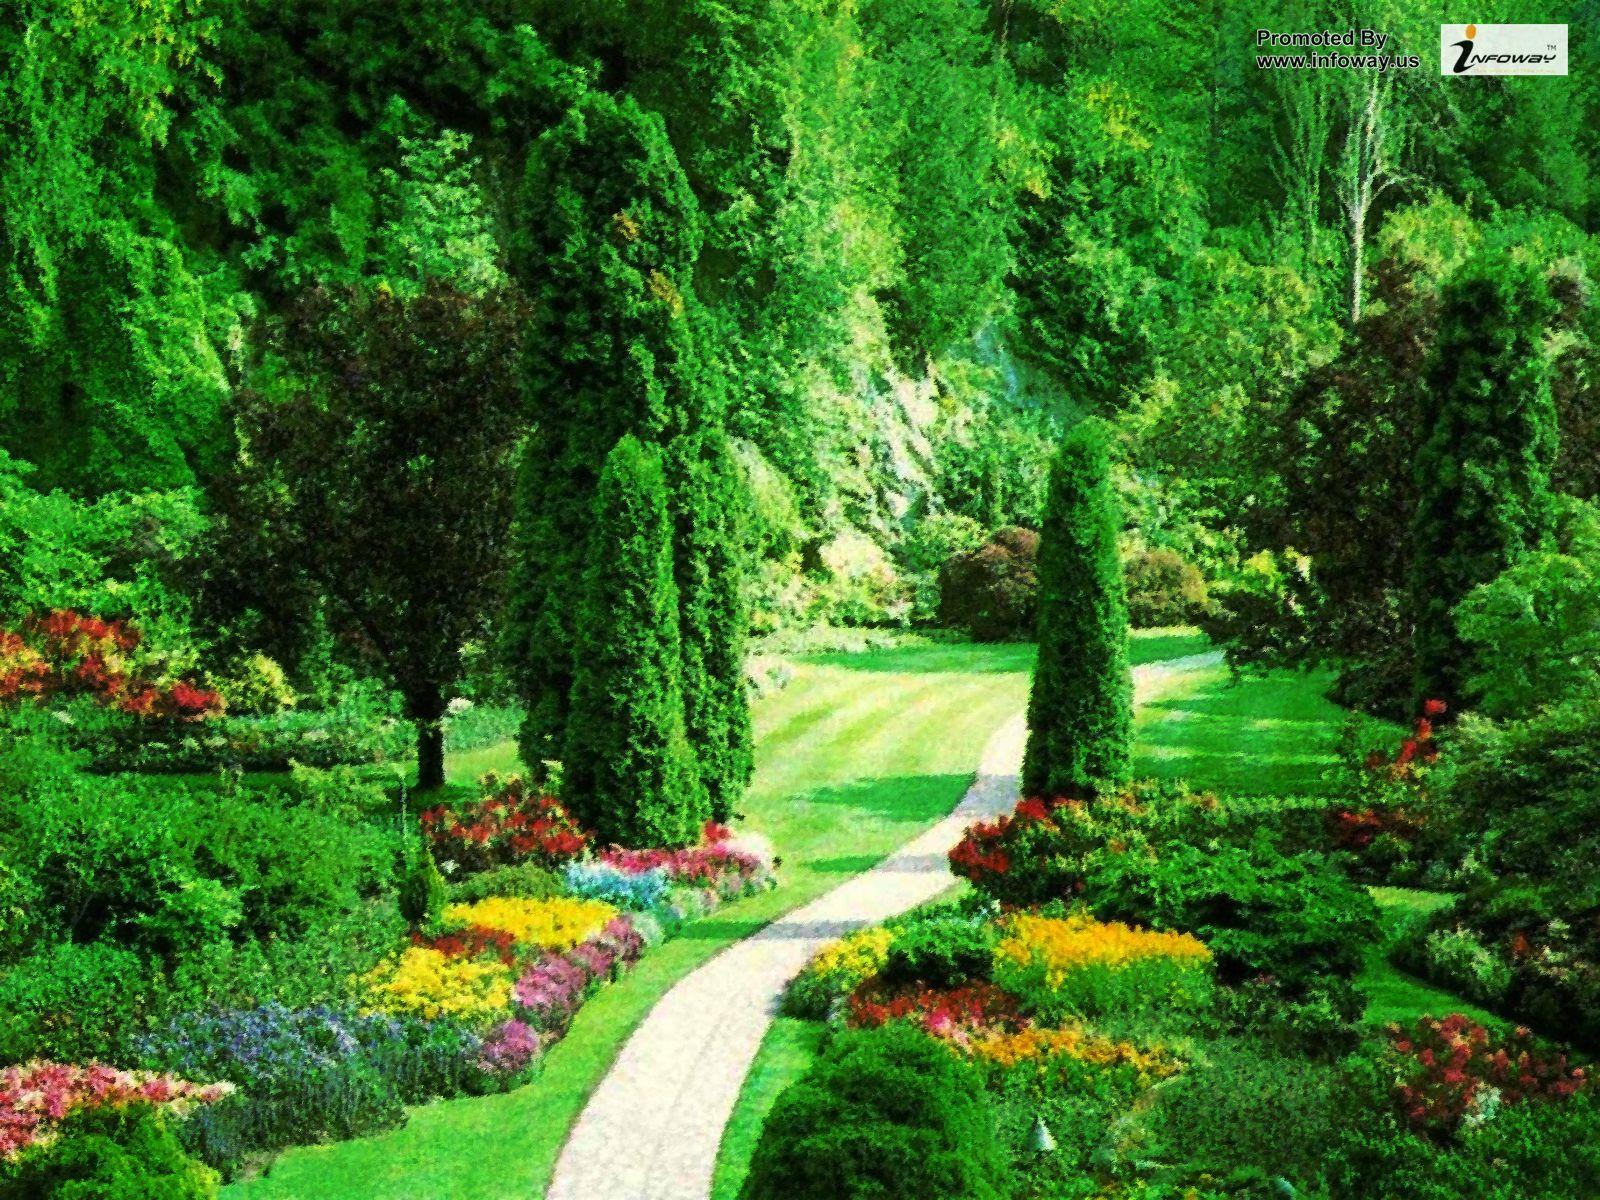 Beautiful Nature Scenery Wallpaper - WallpaperSafari